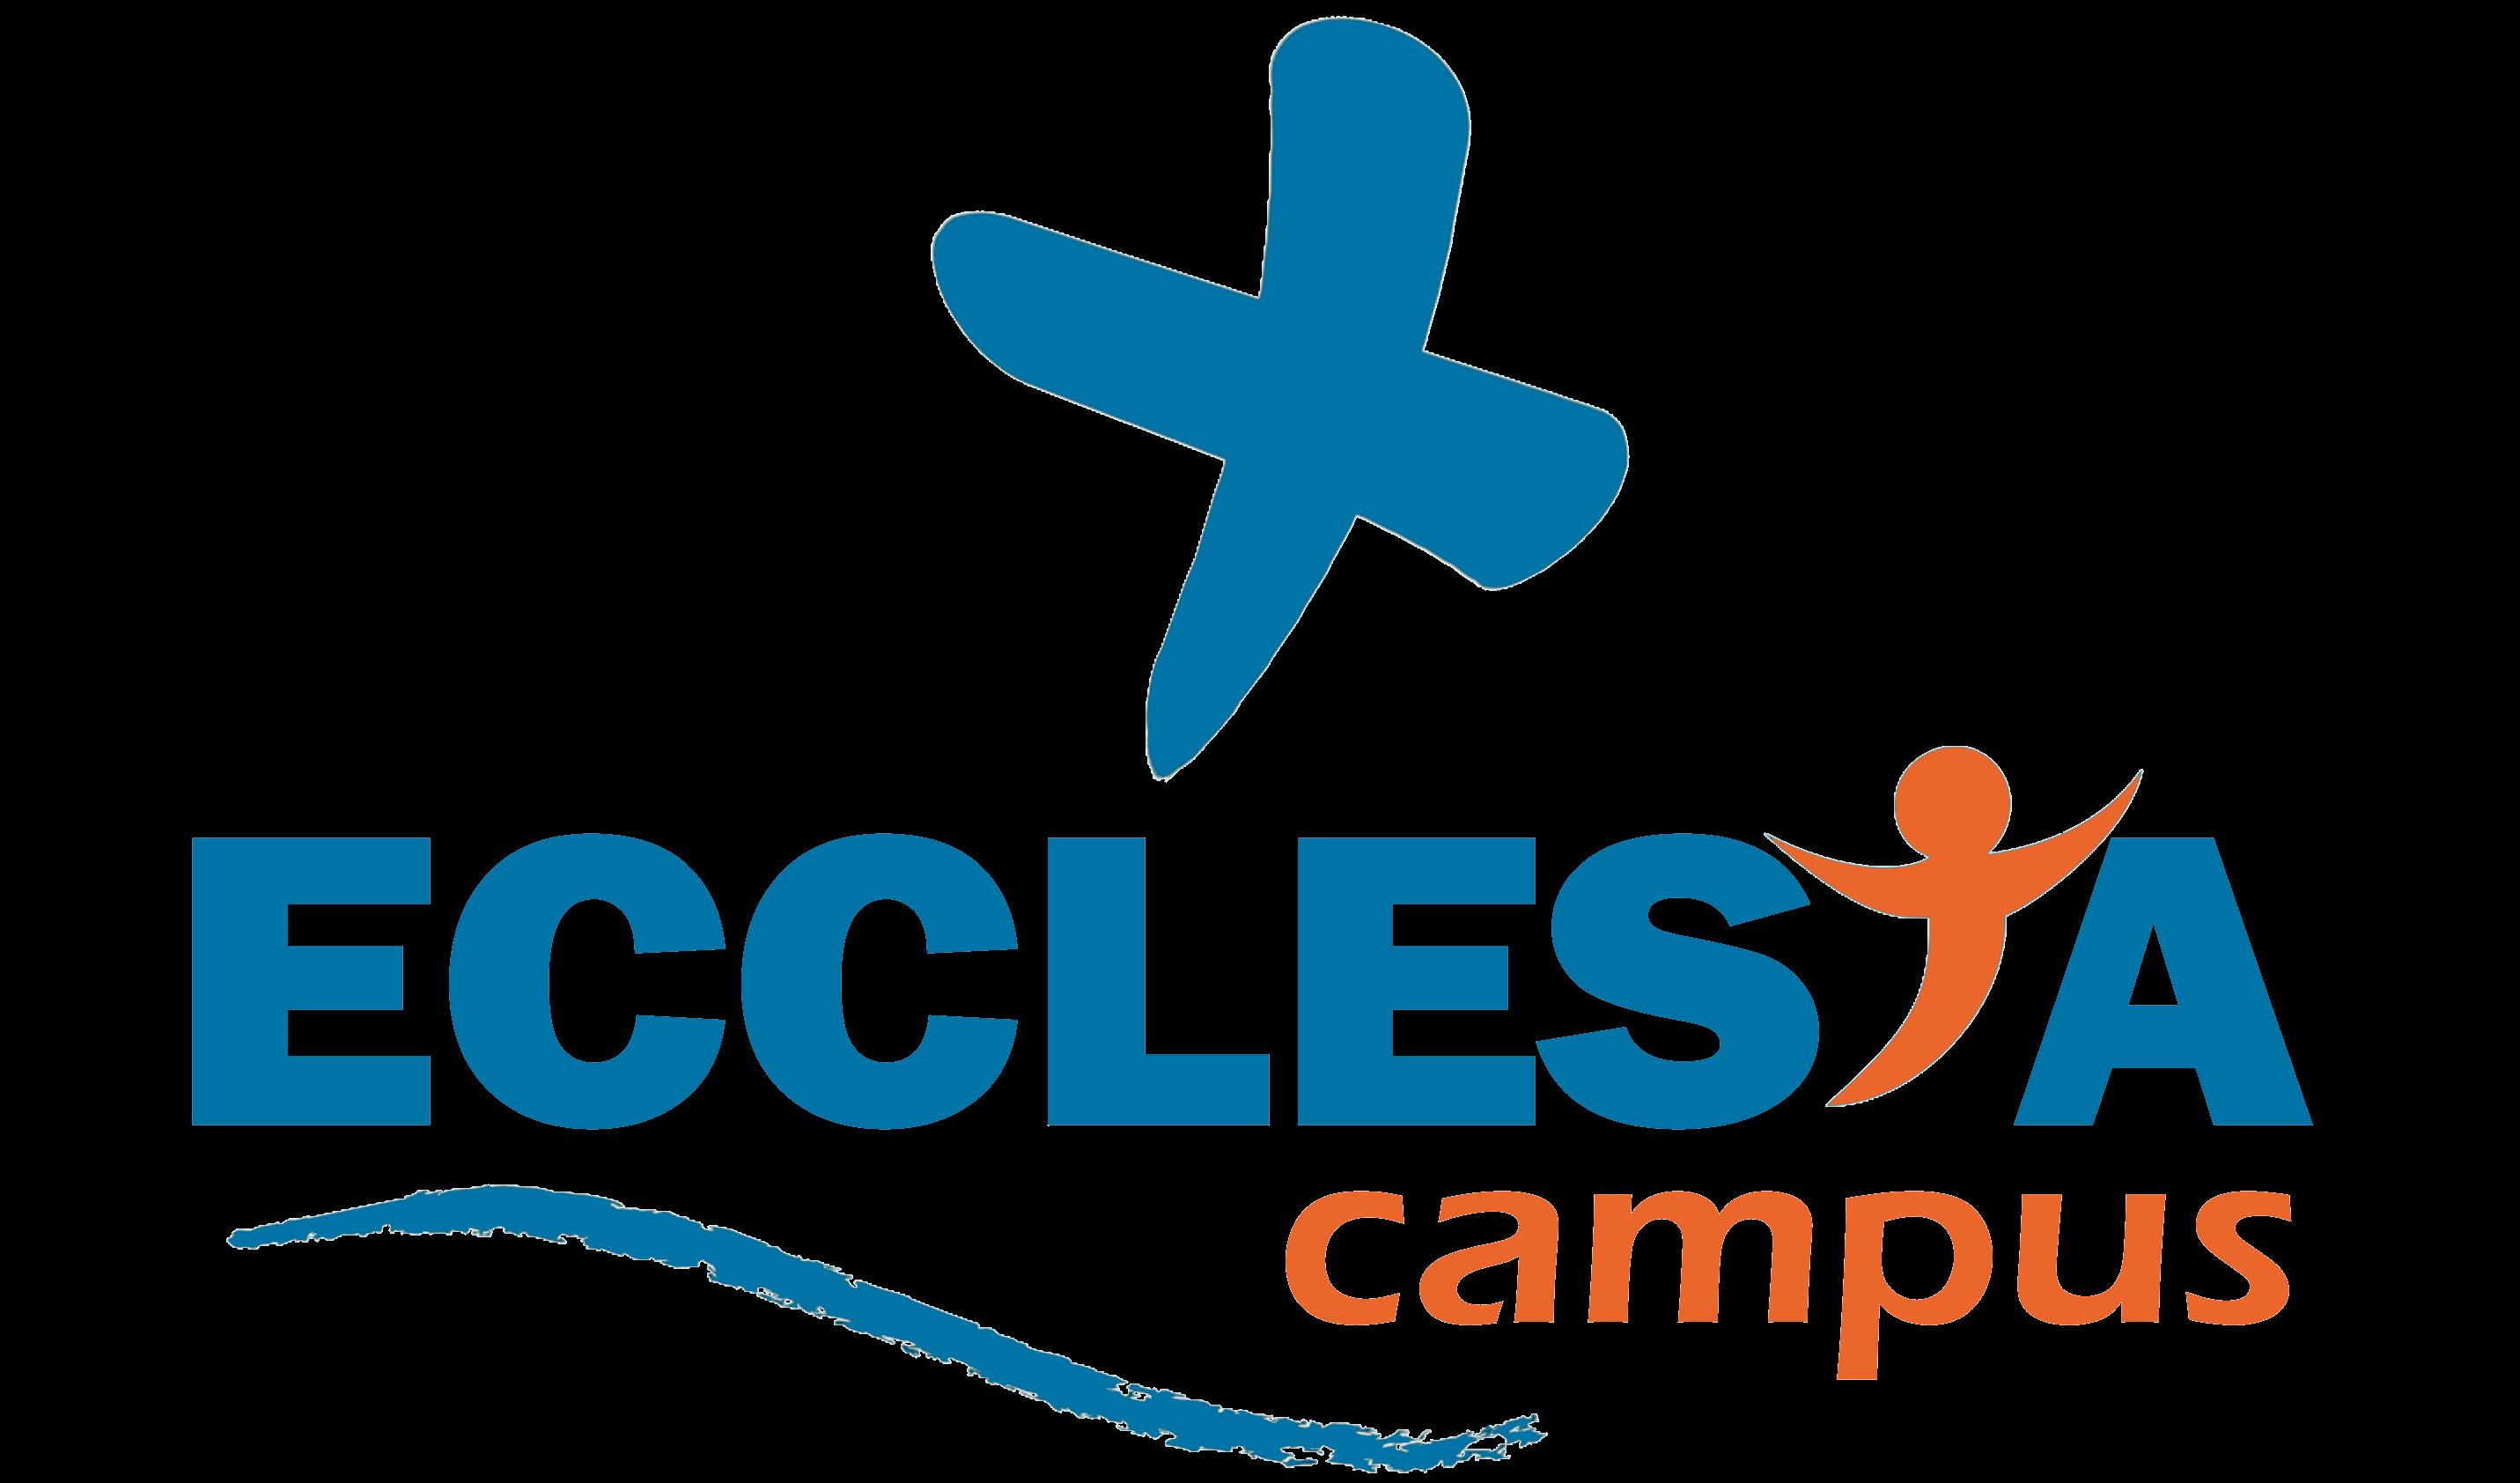 Ecclésia Campus – 3ème rassemblement national étudiant les 3 et 4 février à Lille (59)